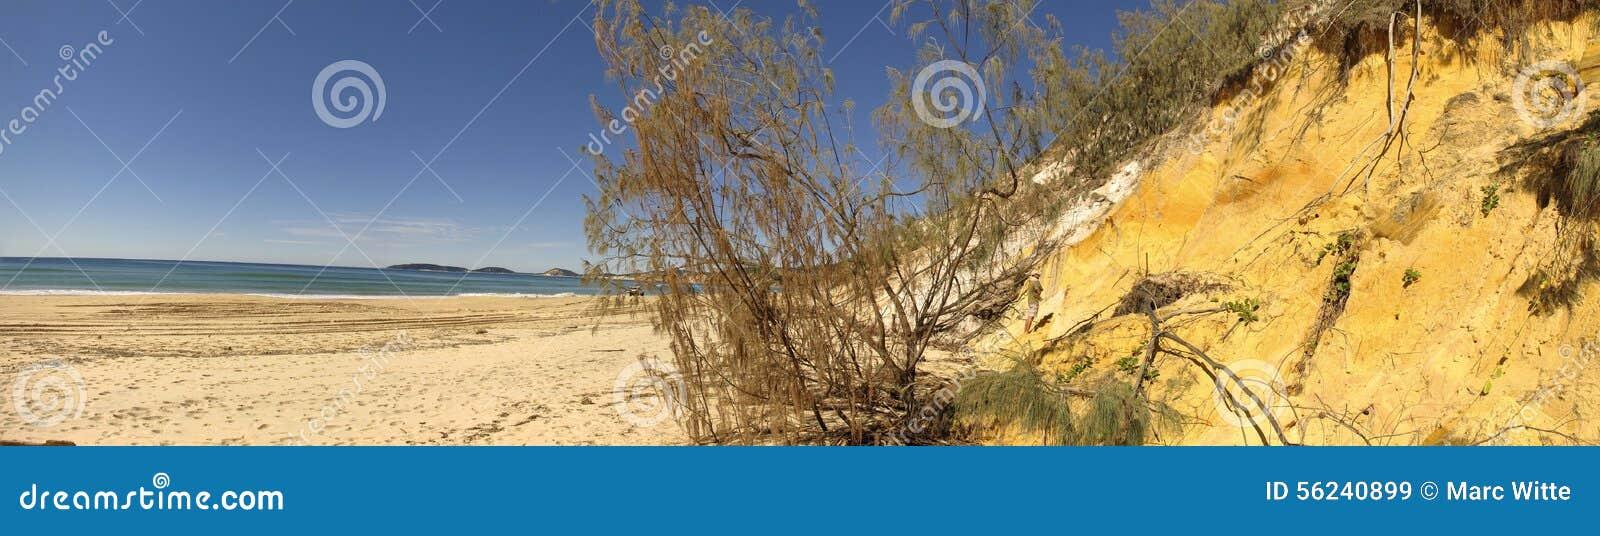 Пляж радуги, Квинсленд, Австралия